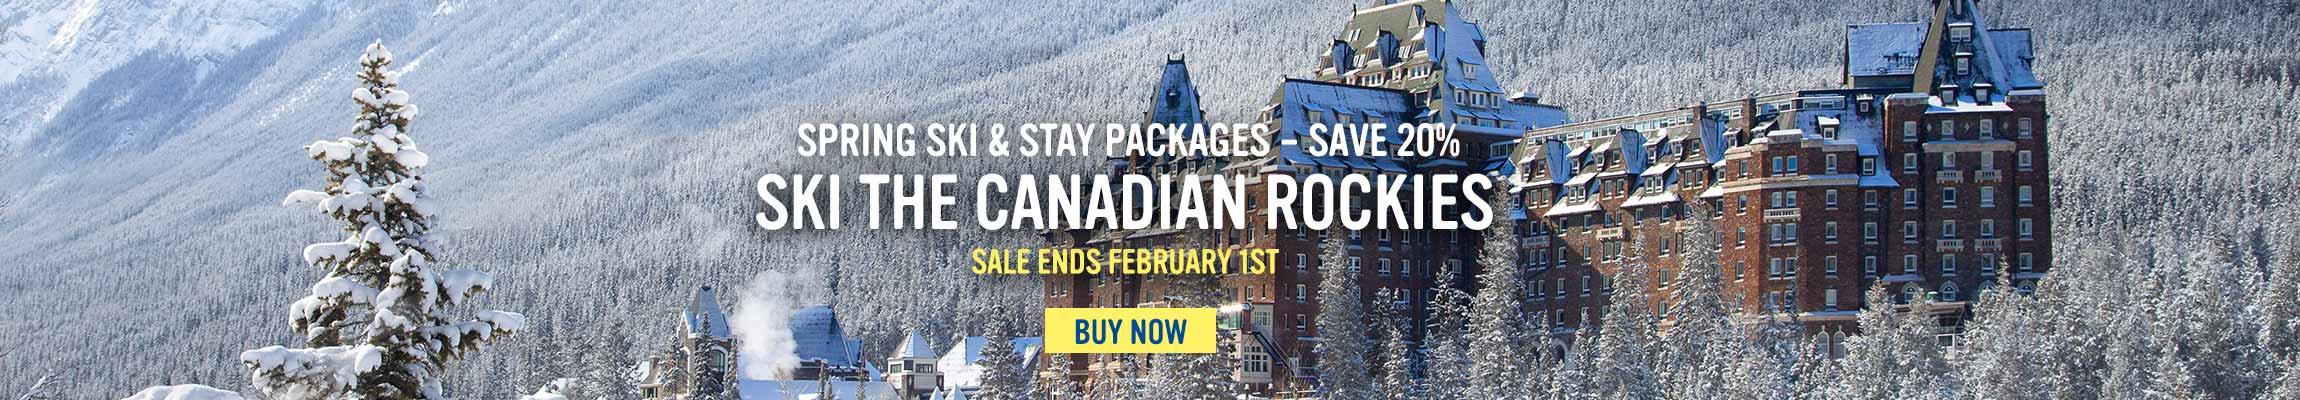 Spring Ski & Stay - Save 20%